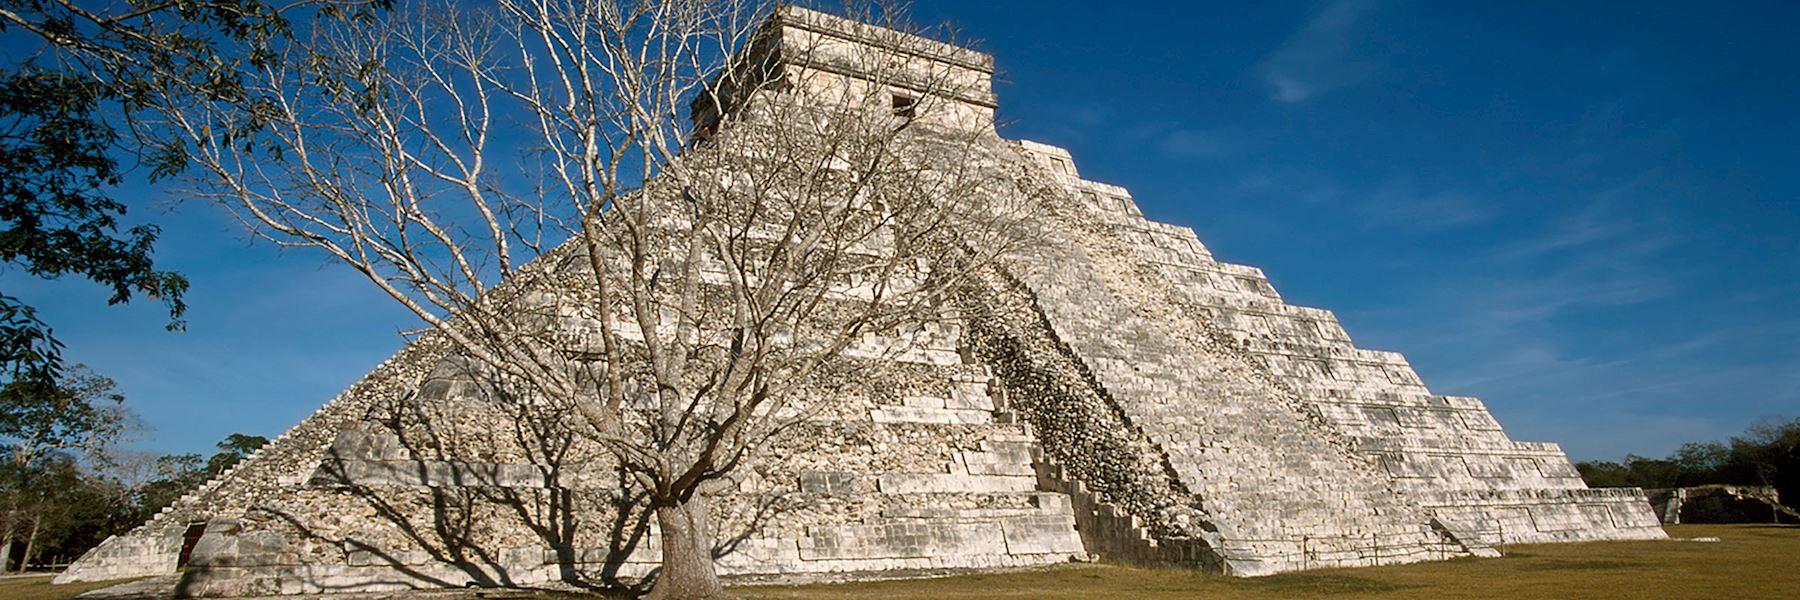 Visit Chichén Itzá, Mexico